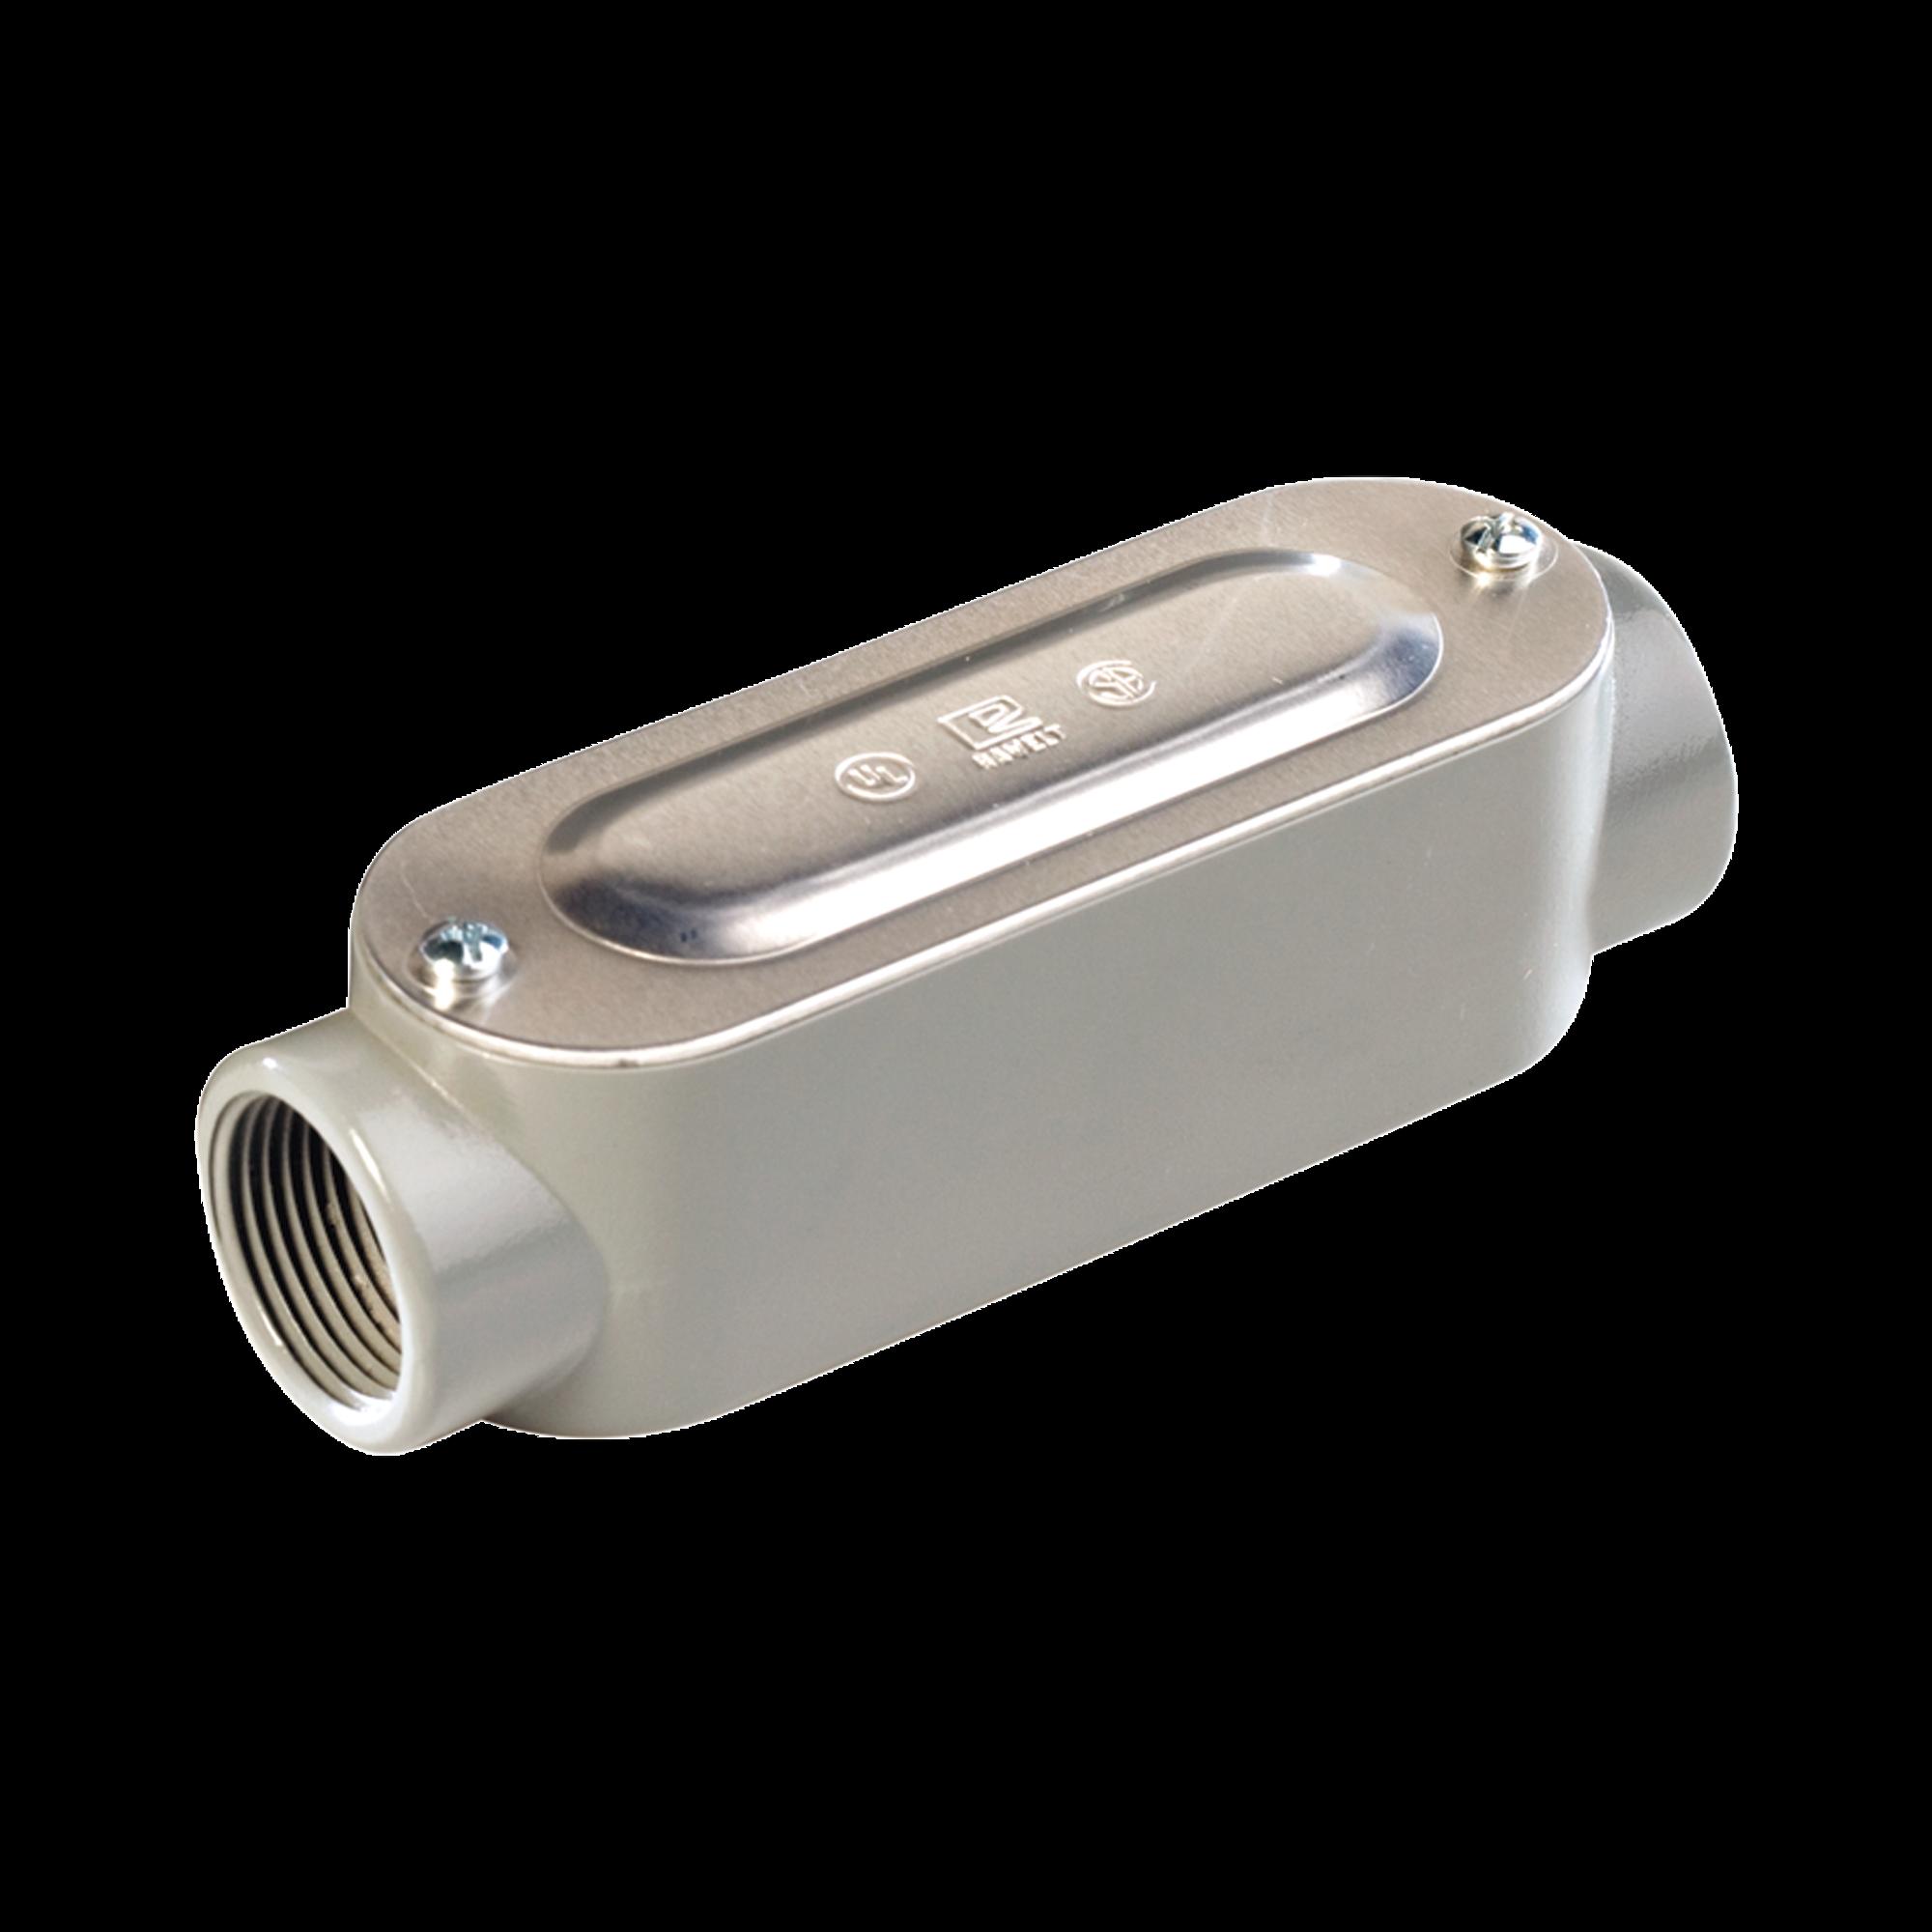 Caja Condulet tipo C de 3/4 (19.05 mm) Incluye tapa y tornillos.